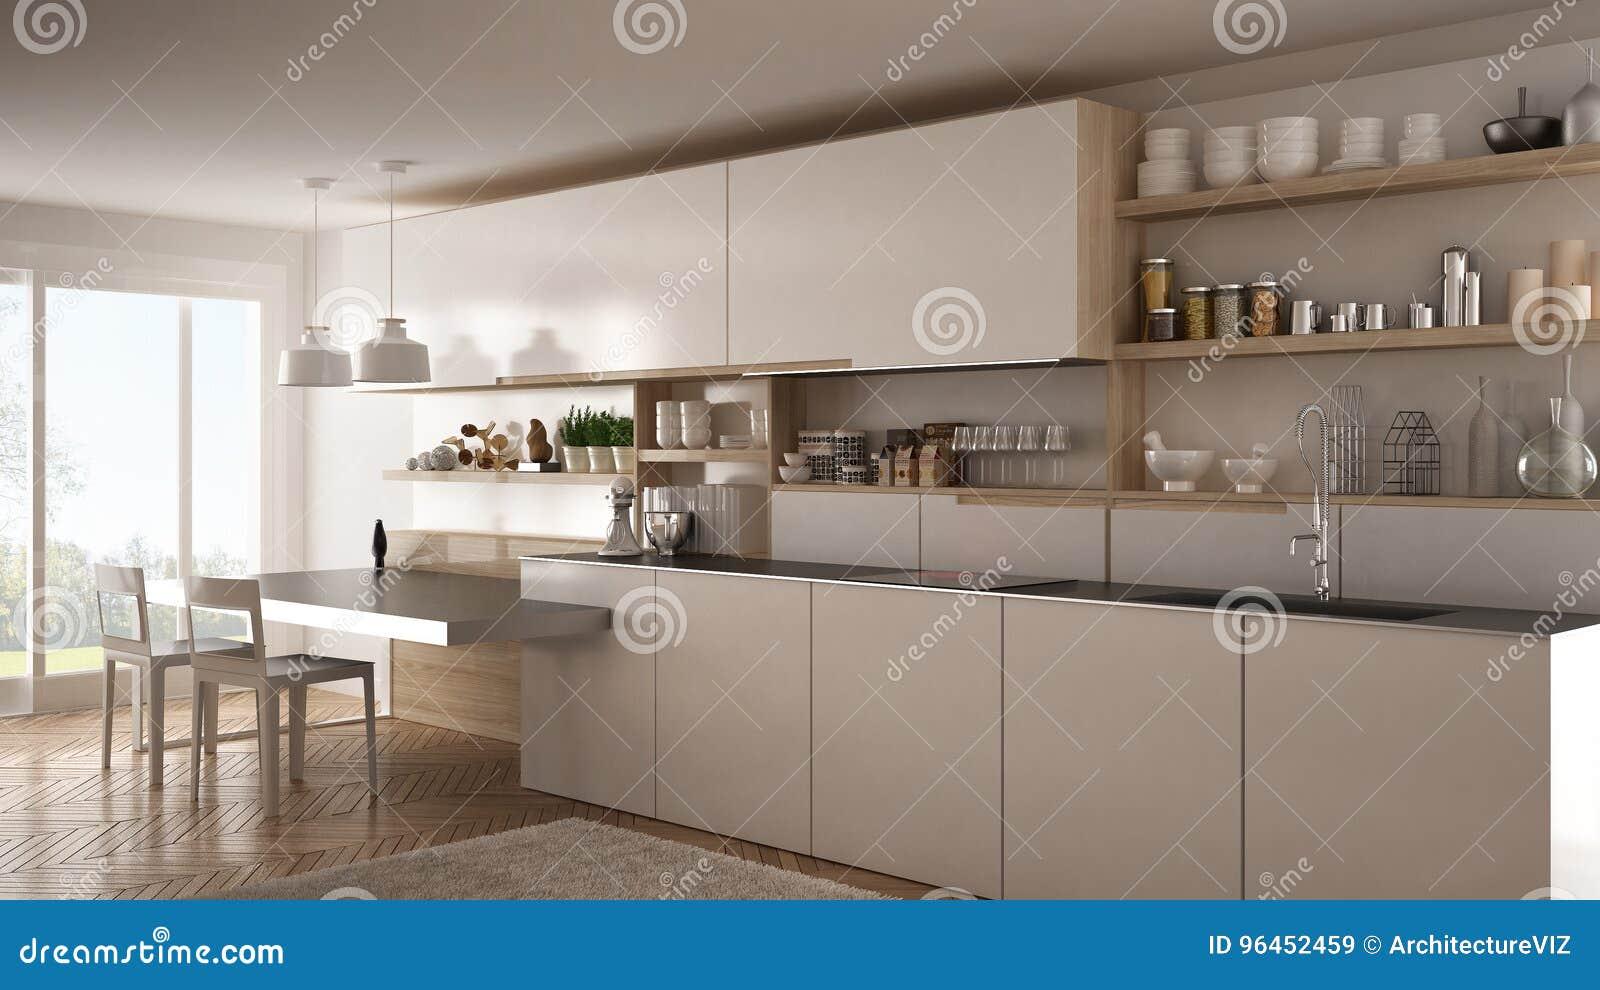 Cuisine Moderne Minimaliste Avec Les Détails, La Table Et Les Chaises En  Bois, Conception Intérieure Blanche